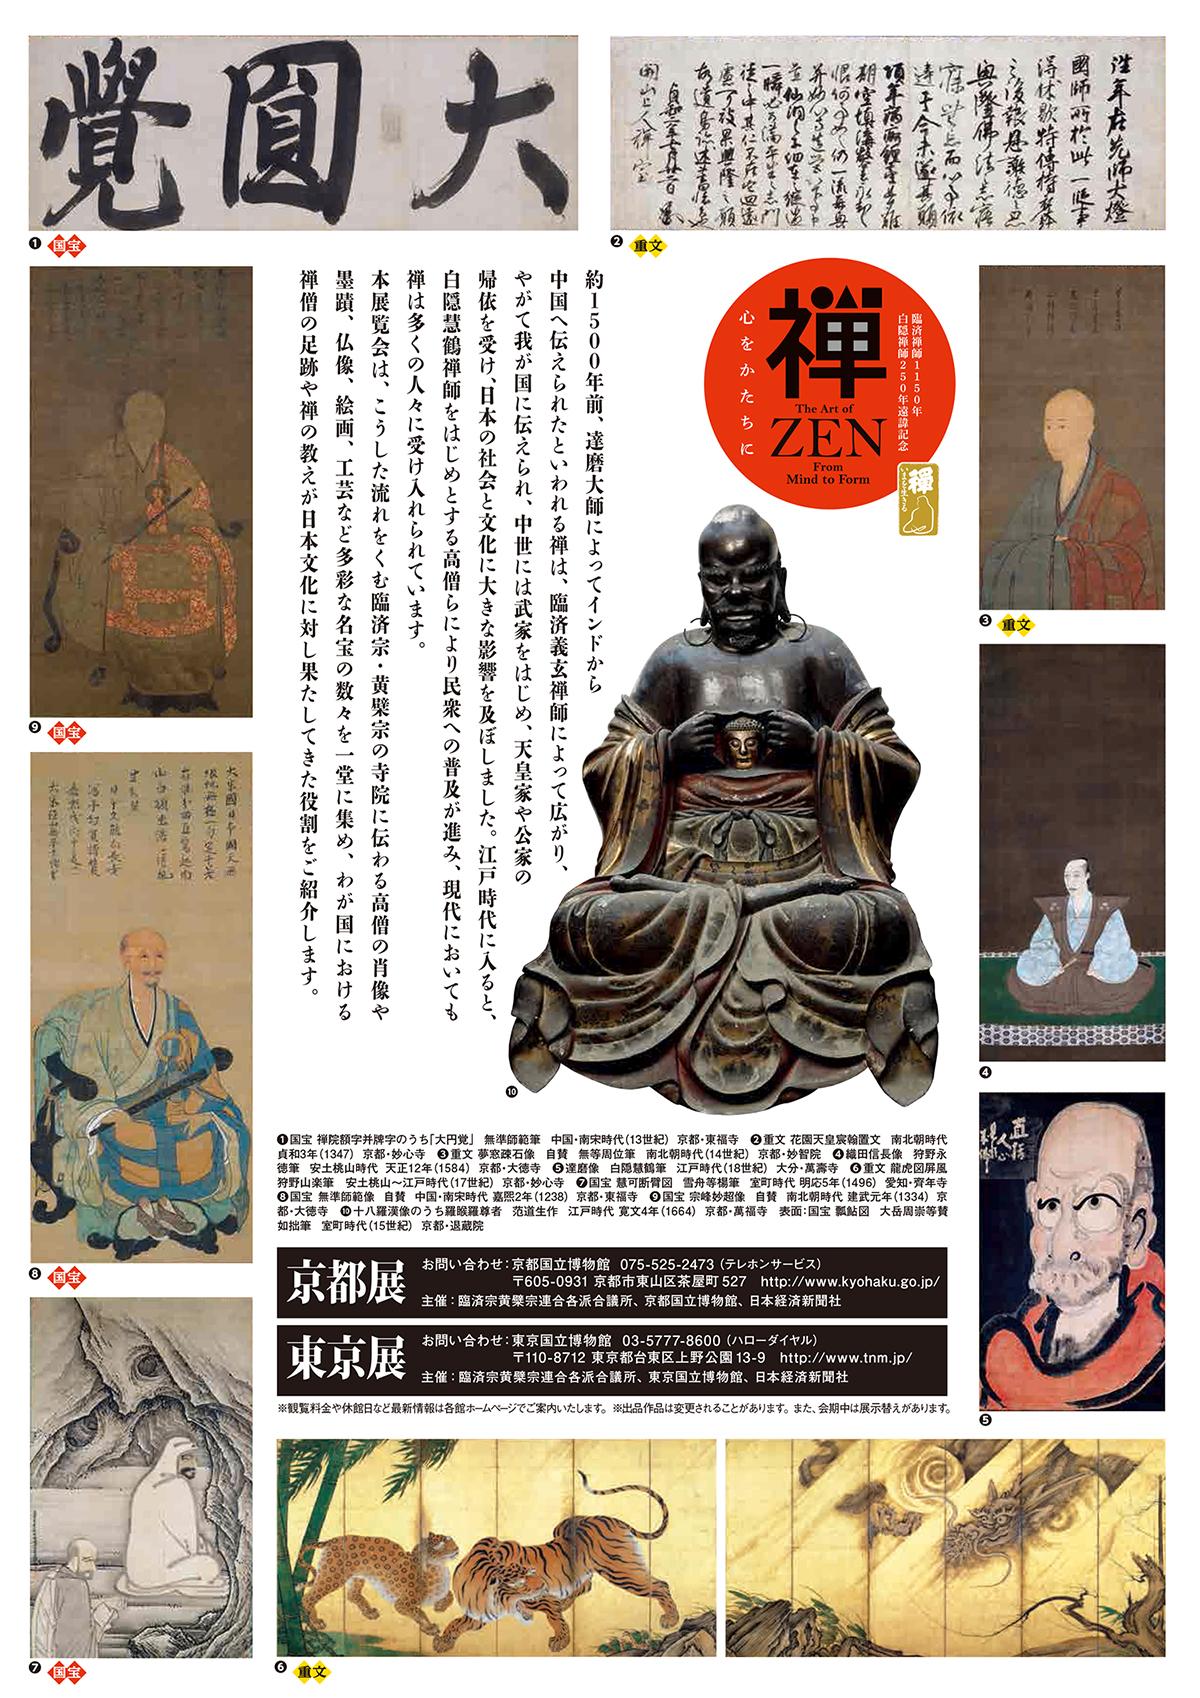 http://rinnou.net/rinzai1150/images/zen1.jpg